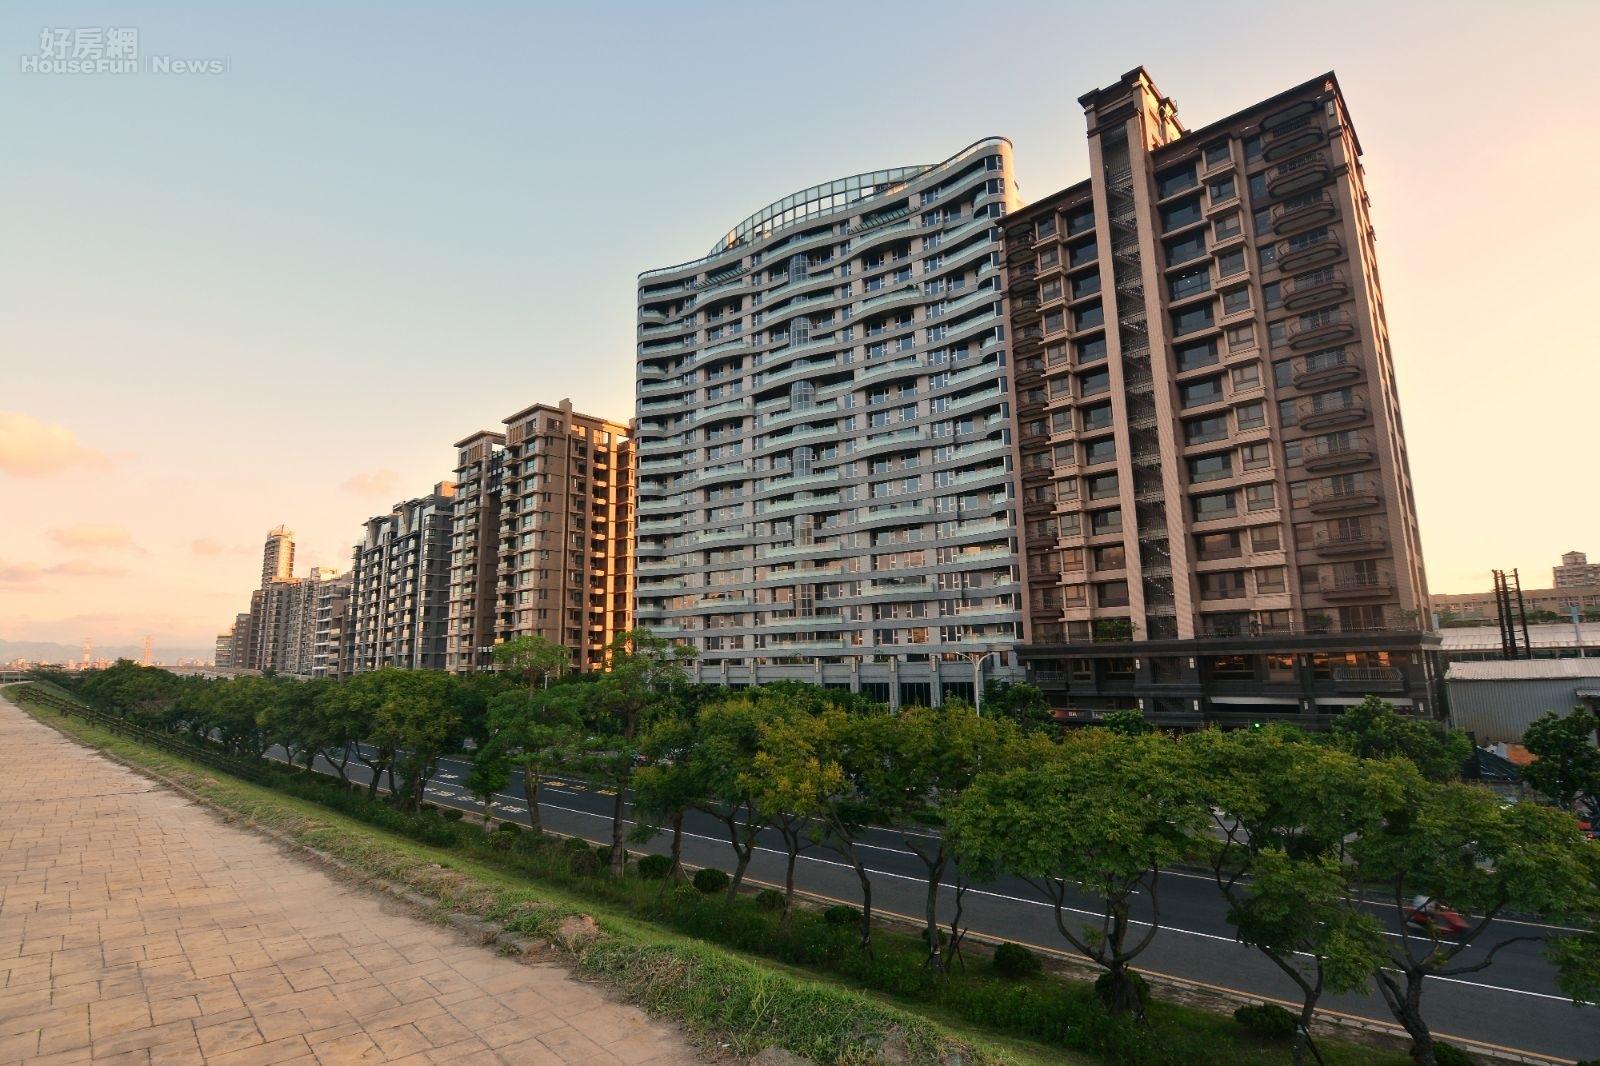 號稱「新北第一環」的三重重陽重劃區,過了重陽橋就可以到達台北市(好房網News記者 陳韋帆/攝影)